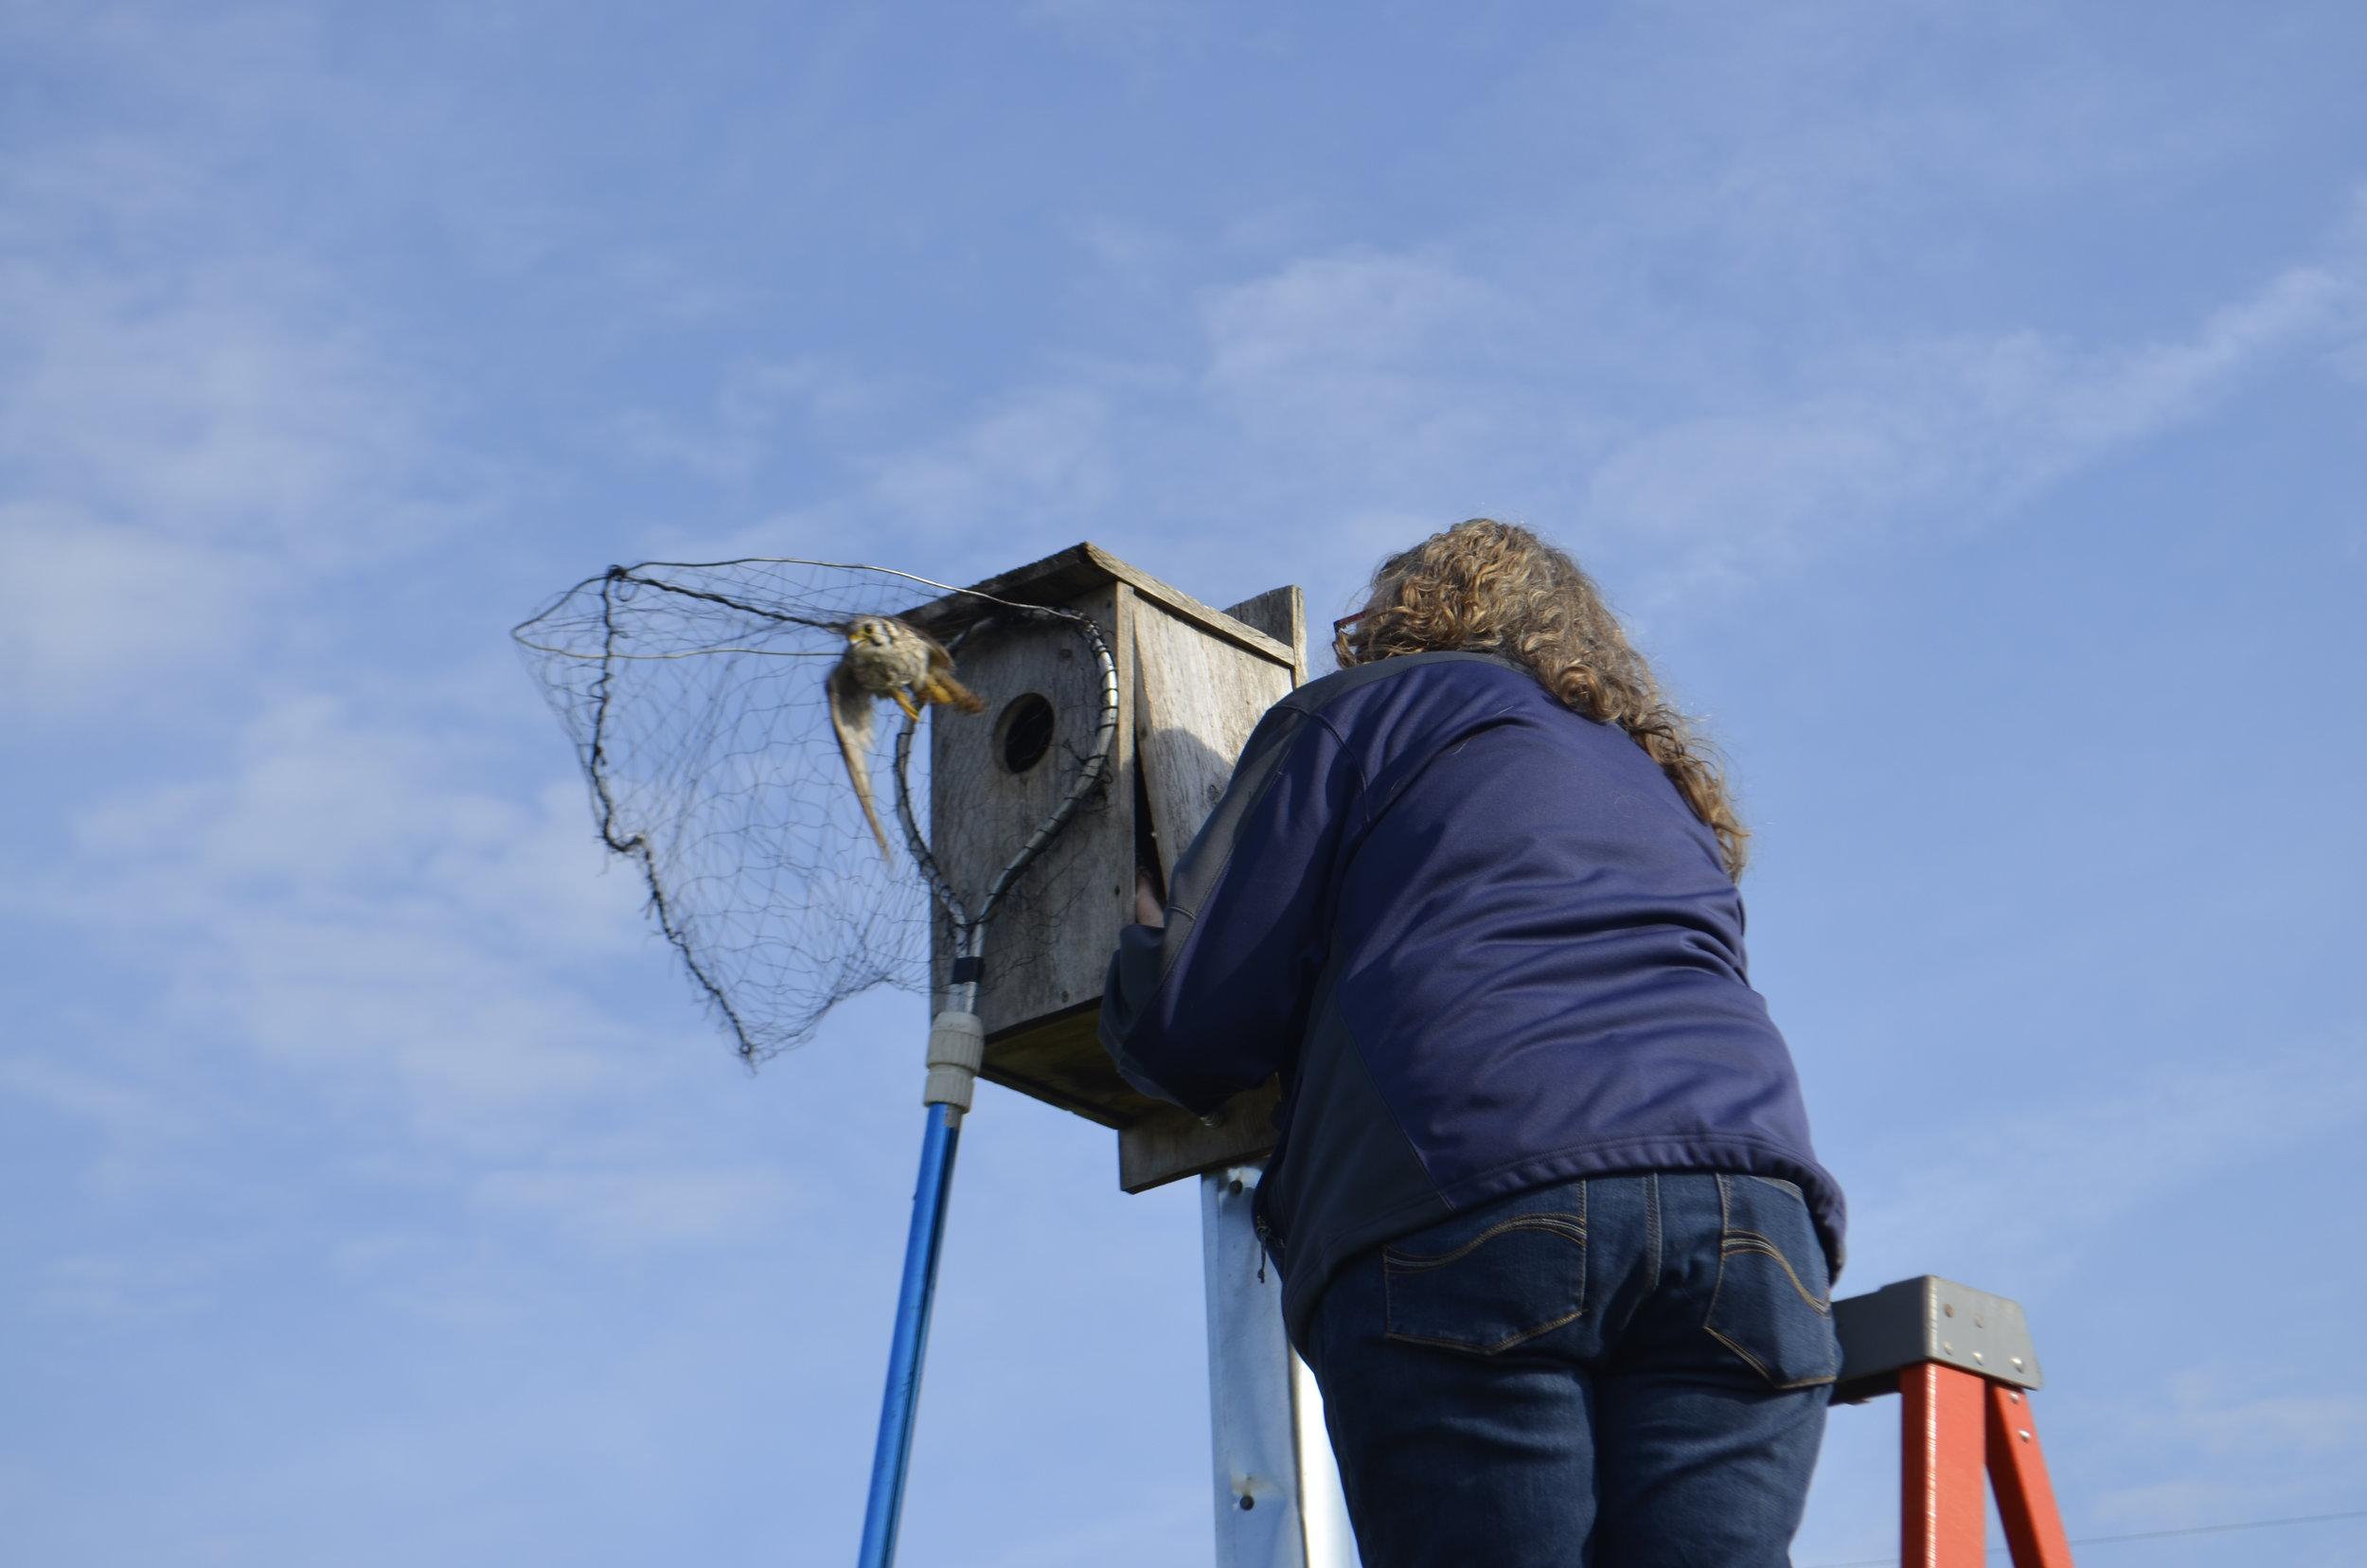 Janet Eschenbauch netting a kestrel. Photography by Mark Martin